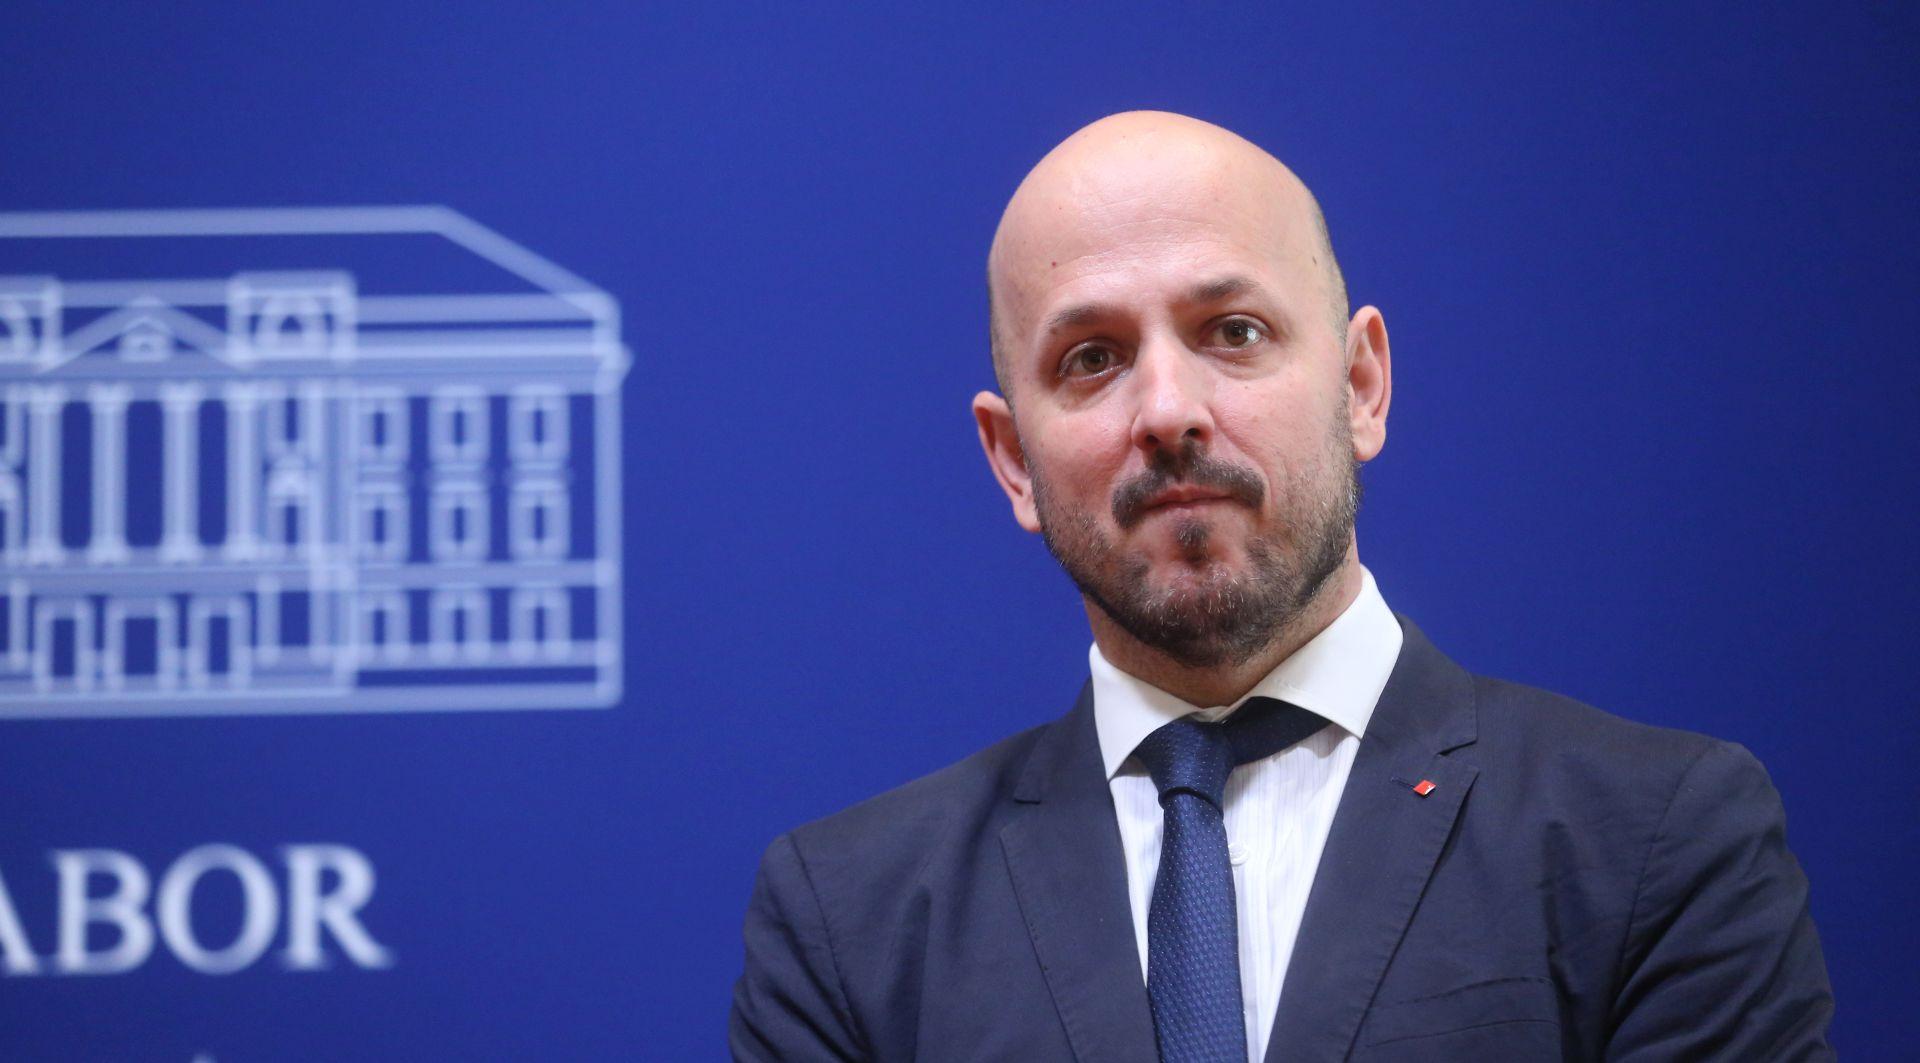 IZBORI U SDP-U Bitka između Bernardićeve i Milanovićeve struje